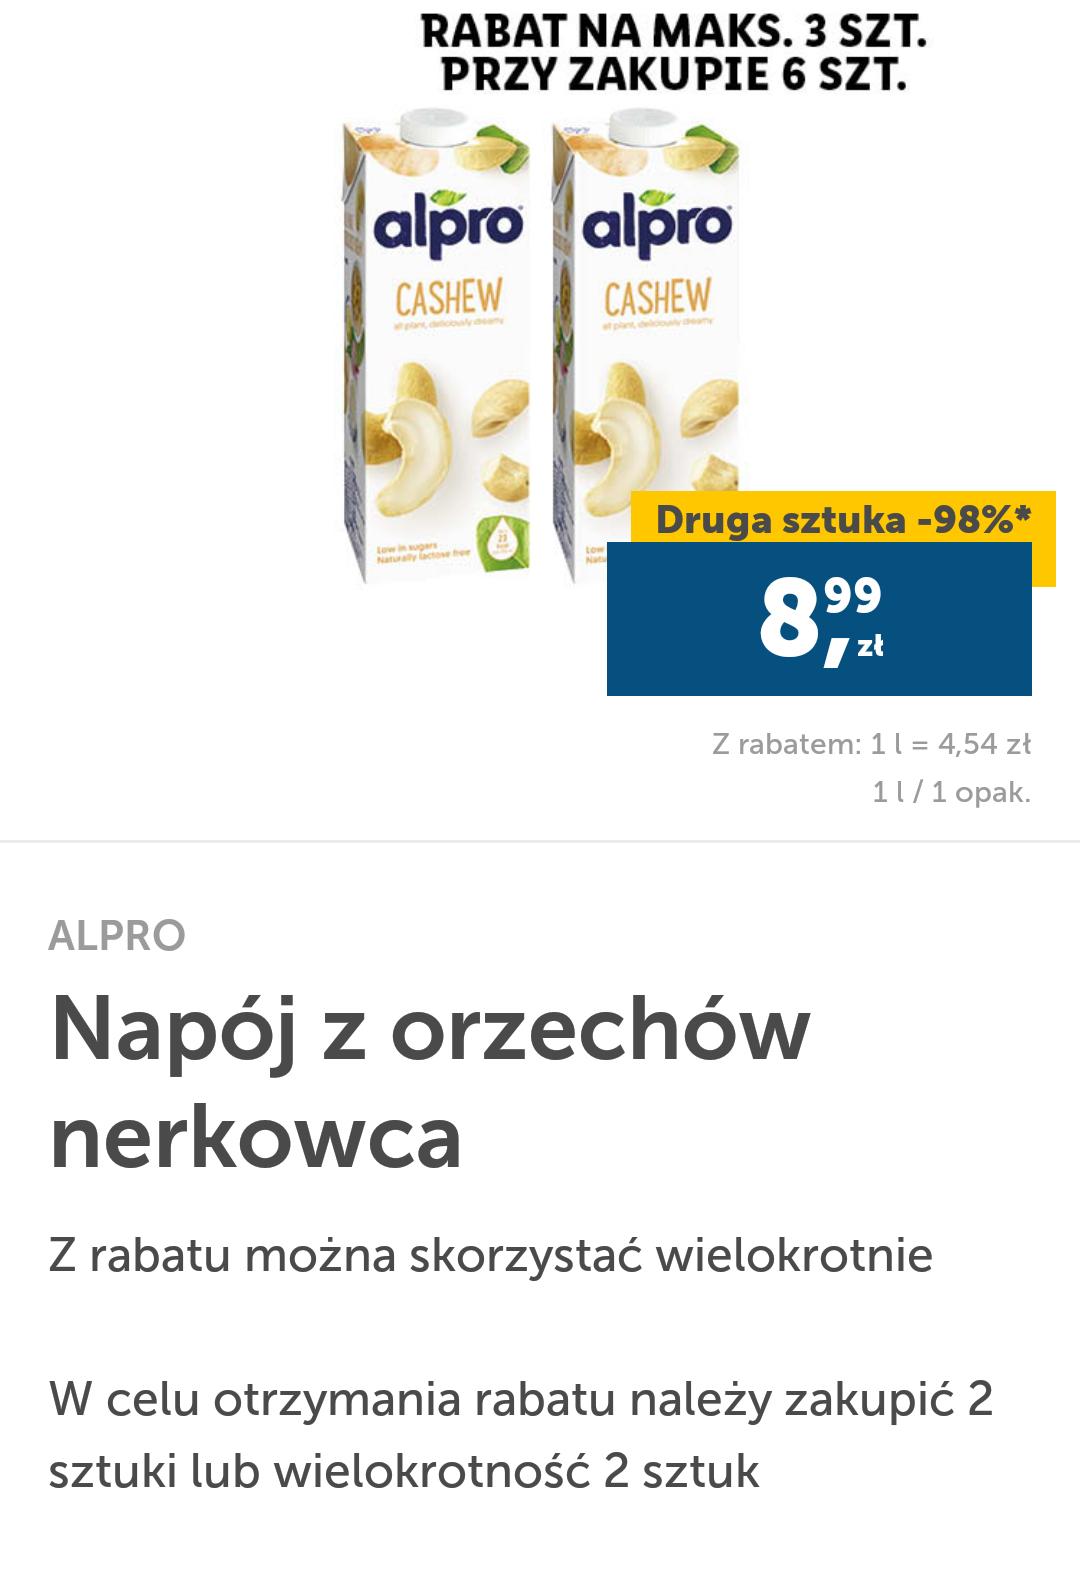 Lidl Plus Napój z orzechów nerkowca drugi -98%